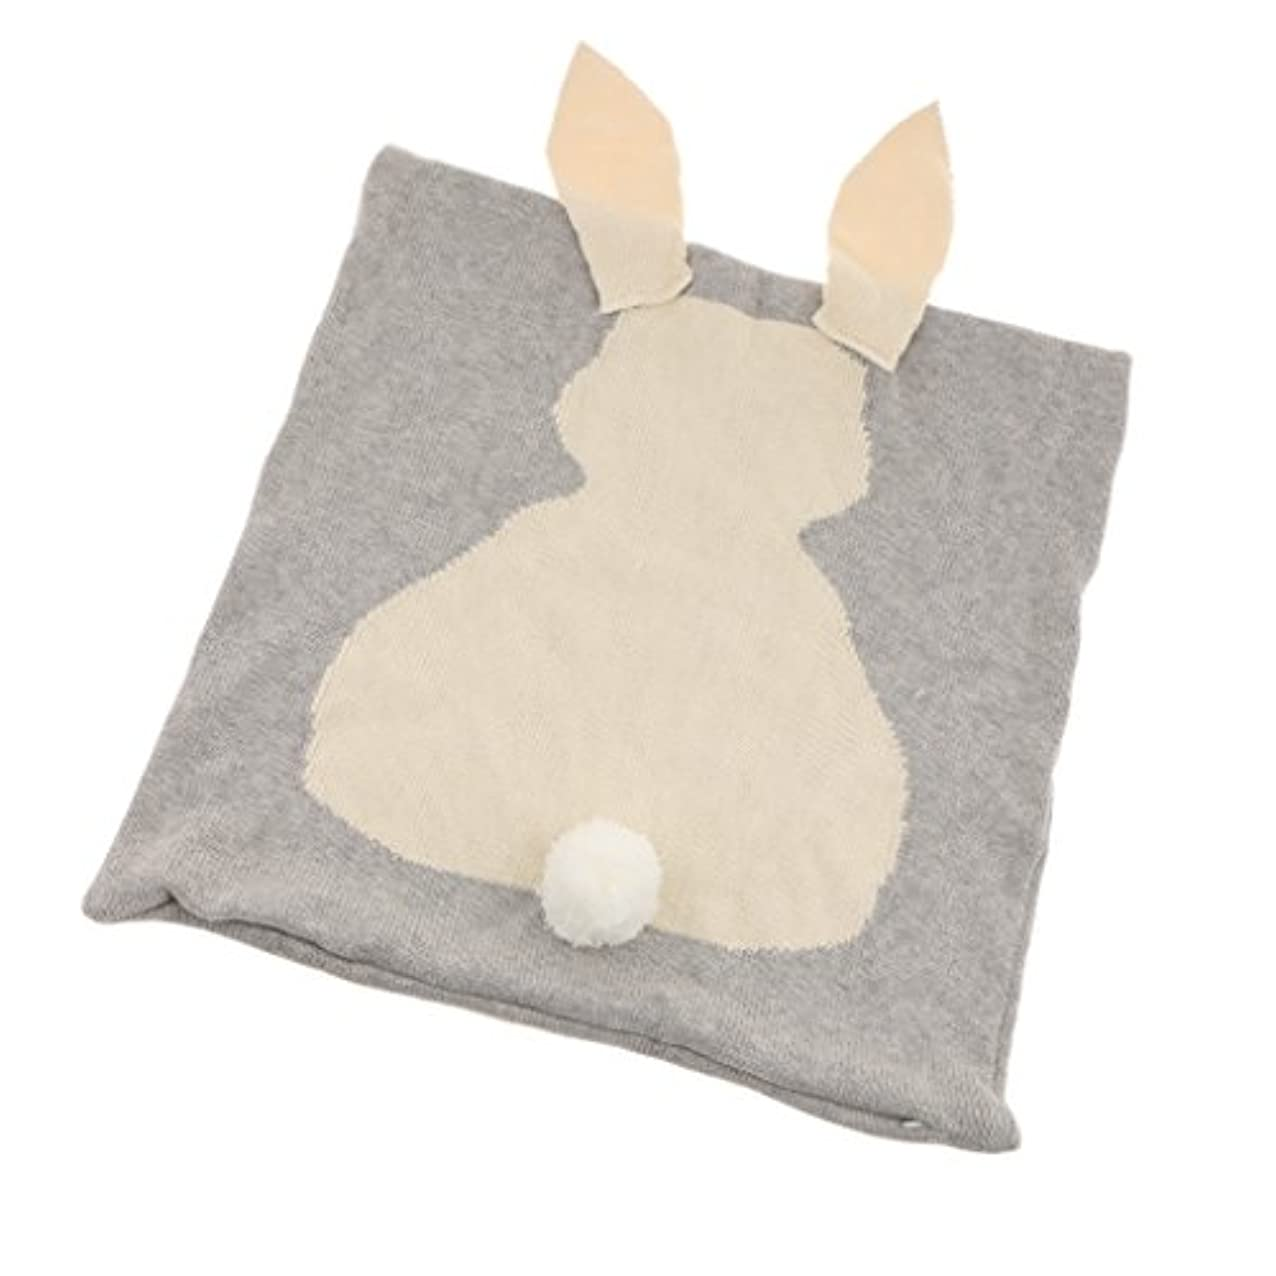 パーツくるくる合計コットンニットかわいいウサギ枕カバートロー枕ケース車のソファクッションカバー家の装飾(45 Cm X 45 Cm) - グレー